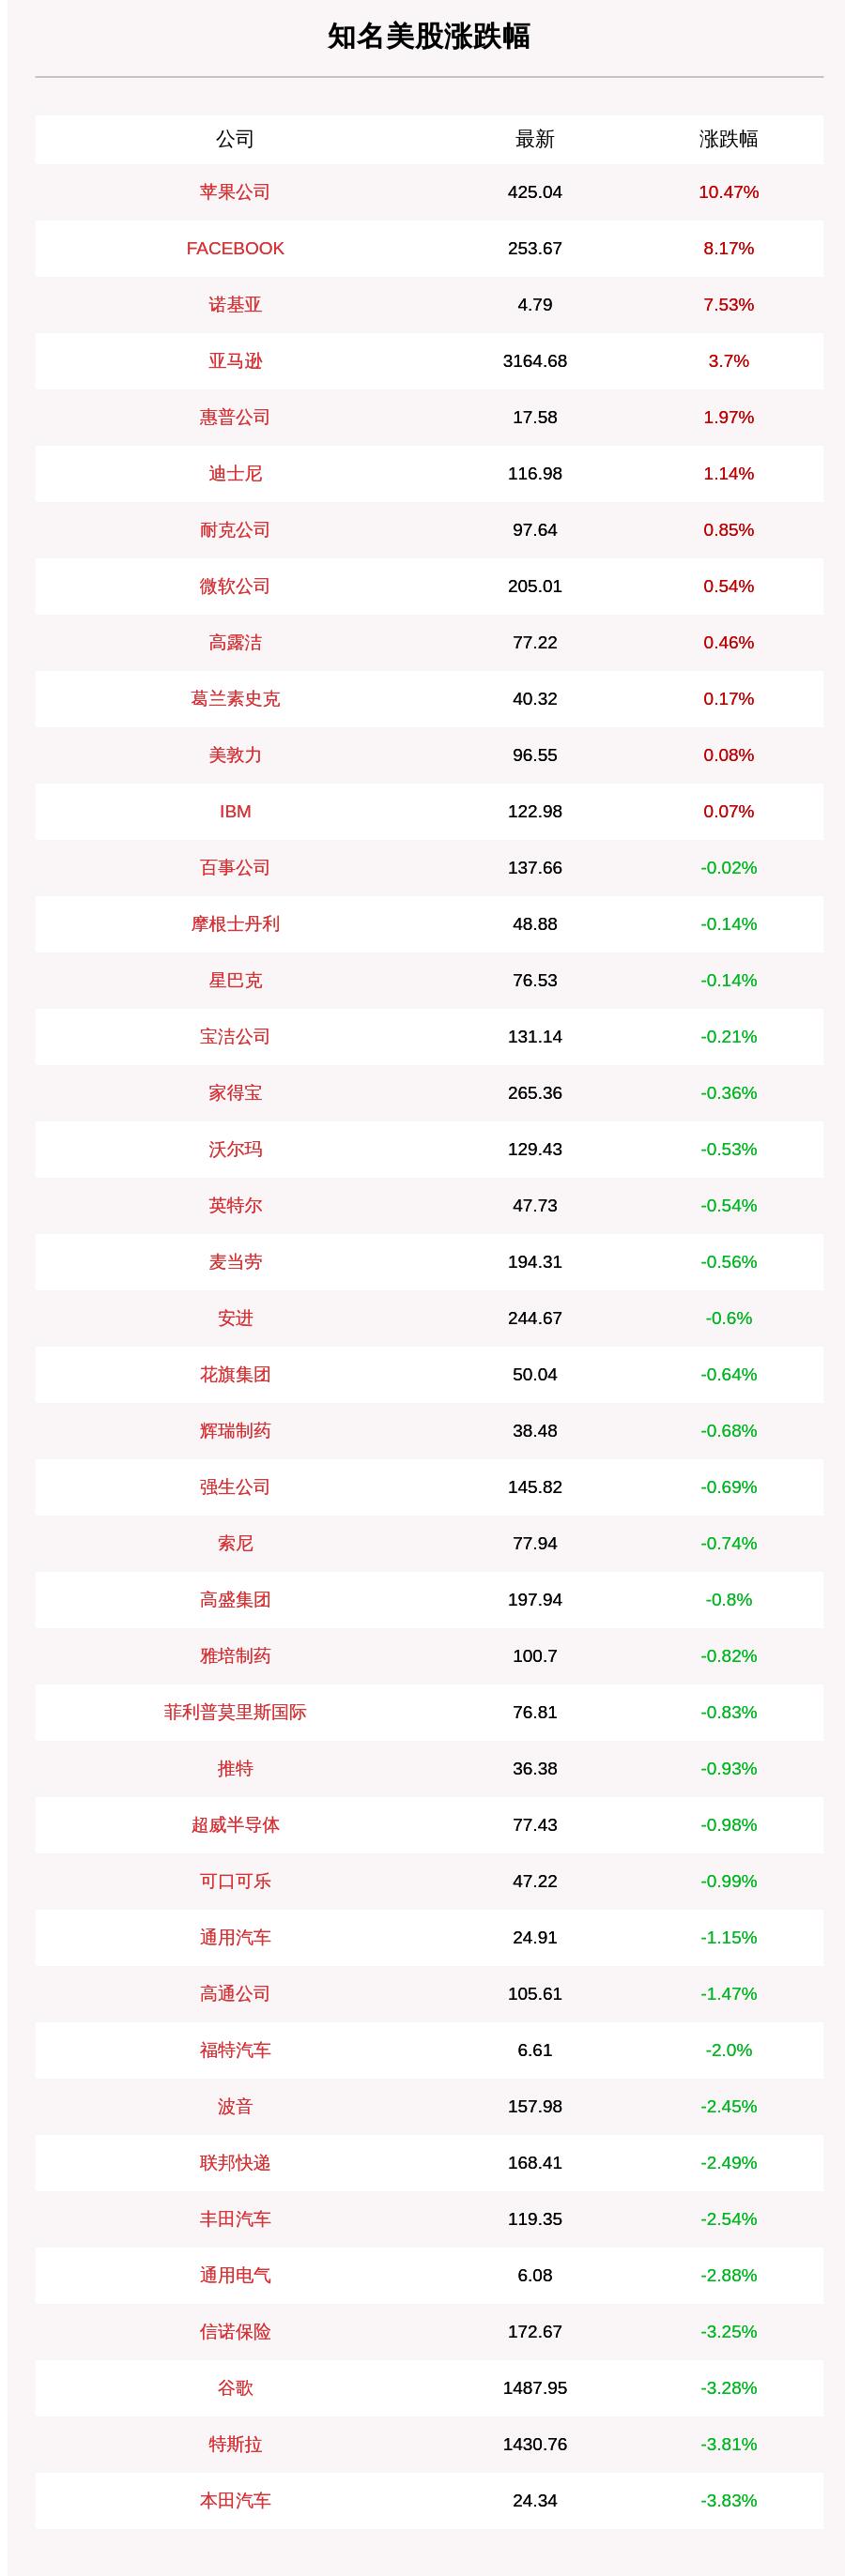 8月1日知名美股收盘情况一览:苹果